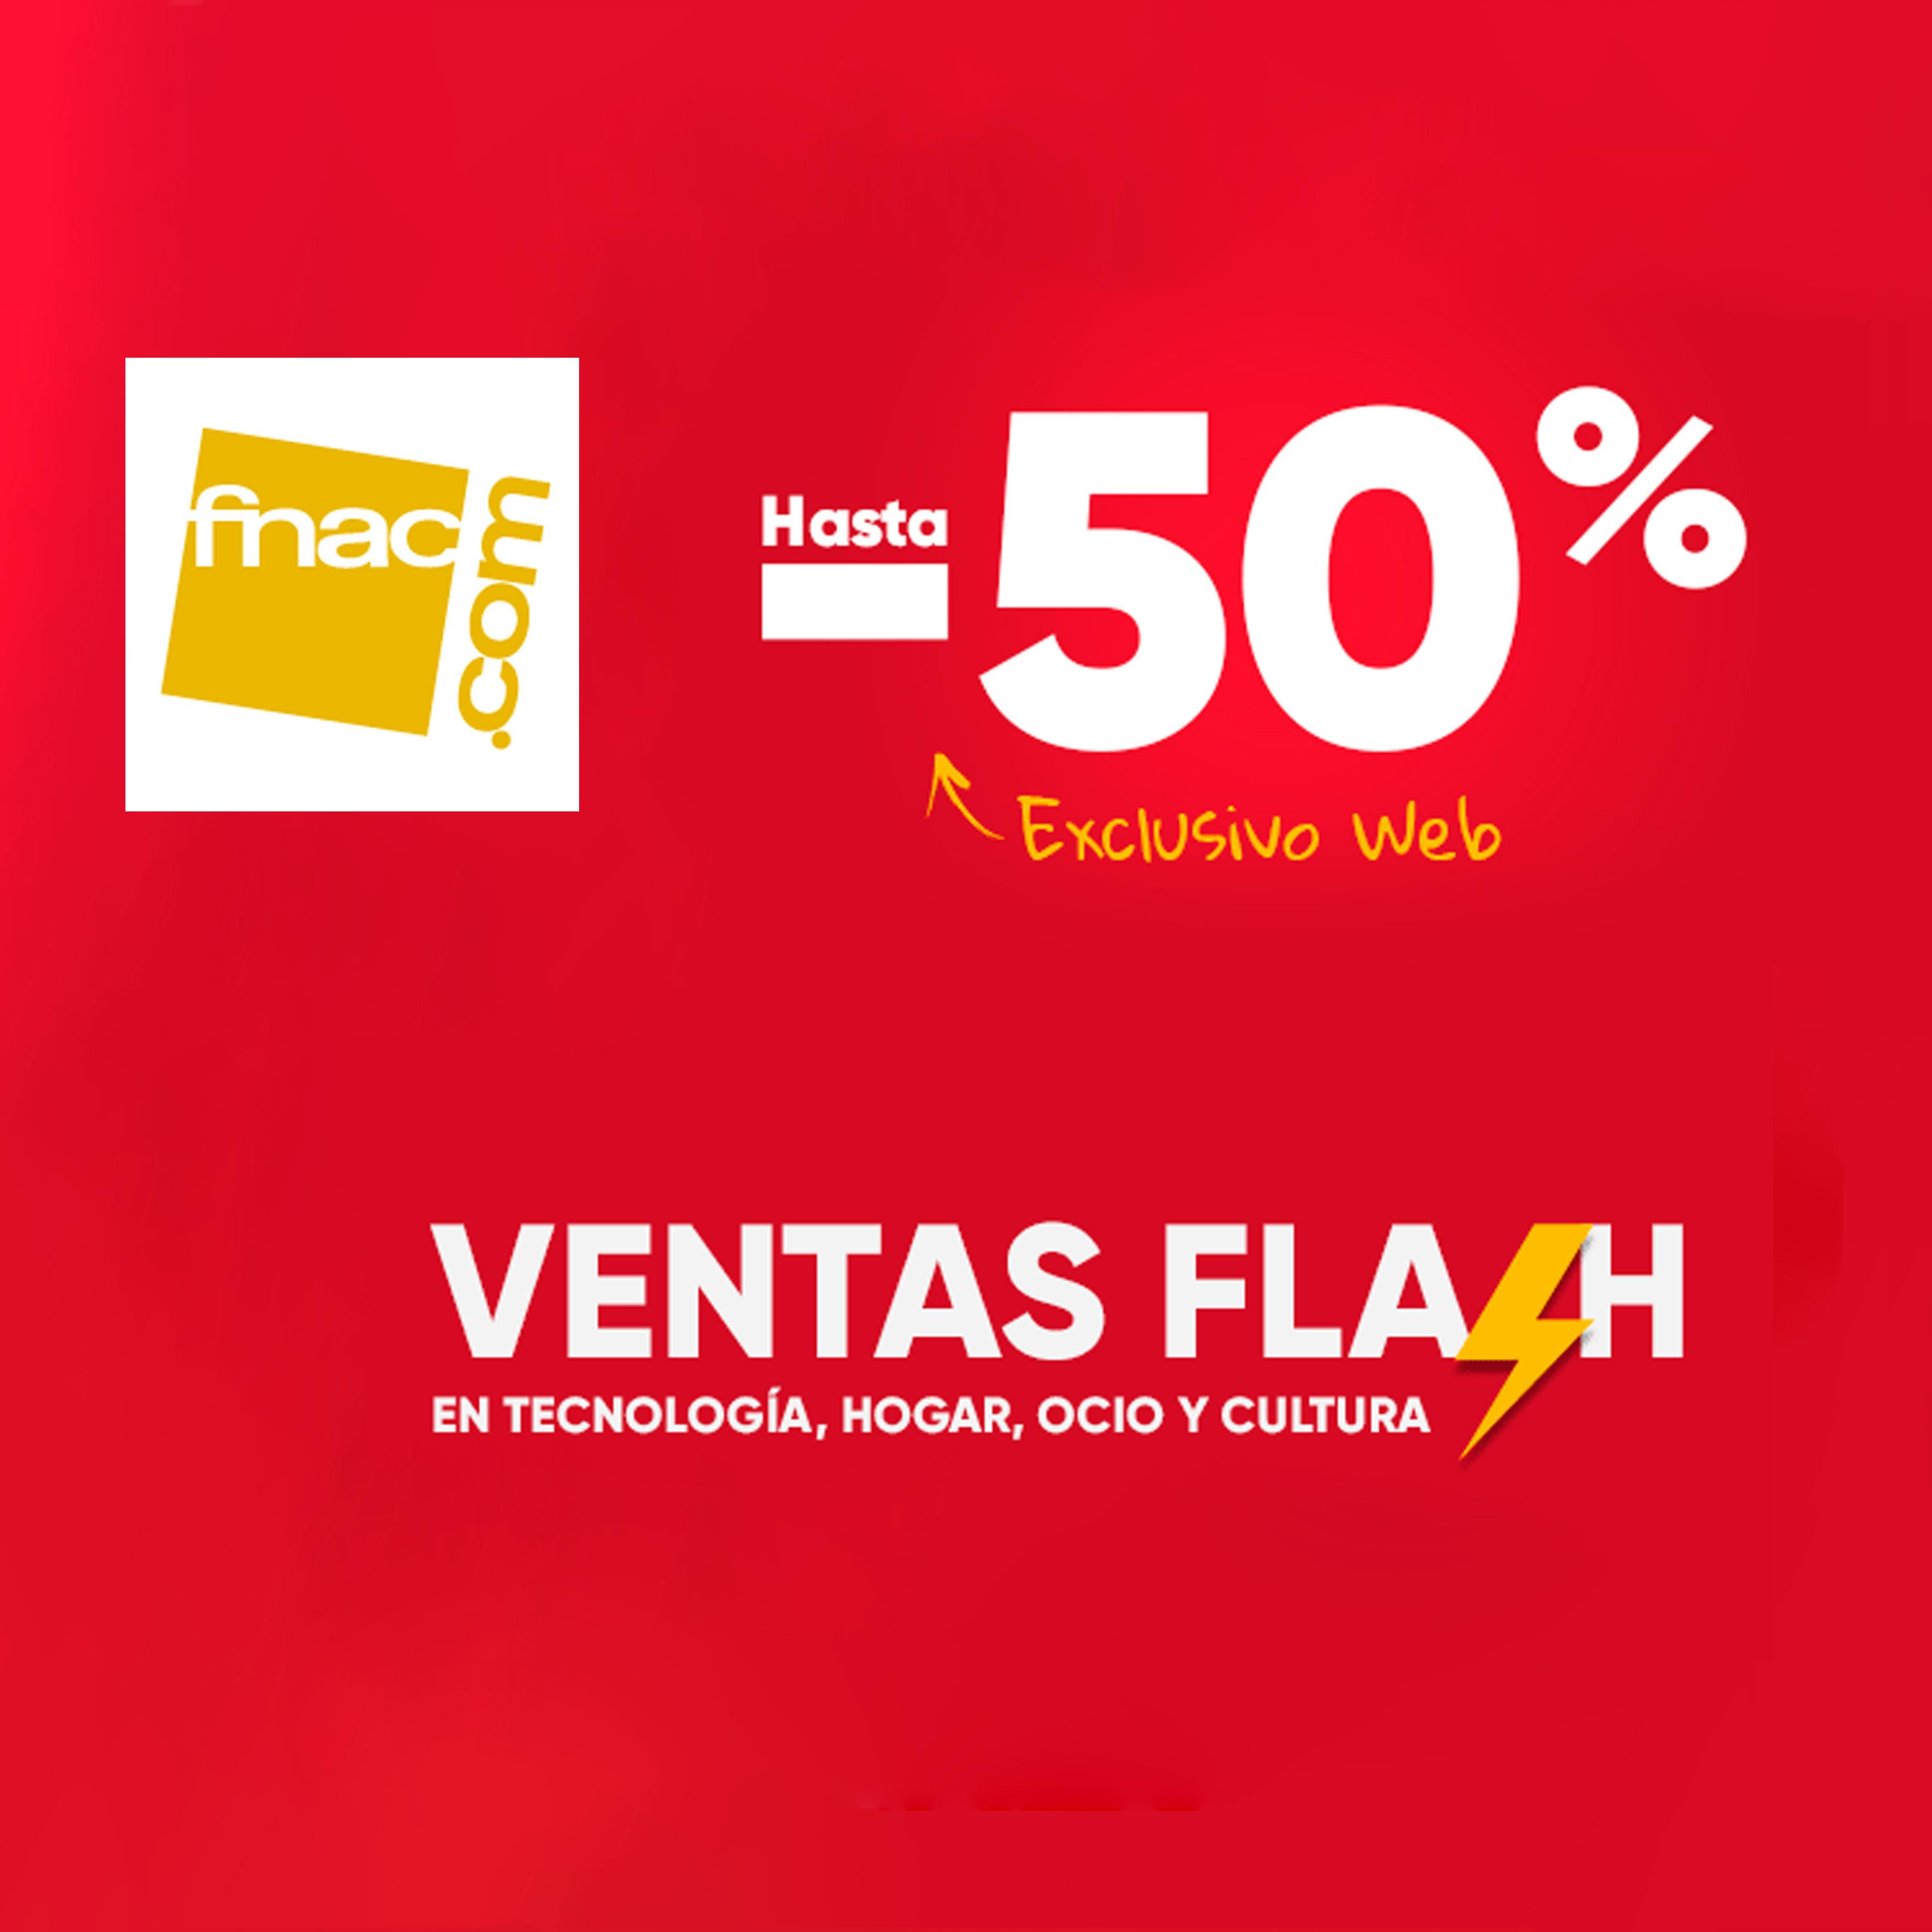 fnac - Hasta 50% de descuento en ventas Flash